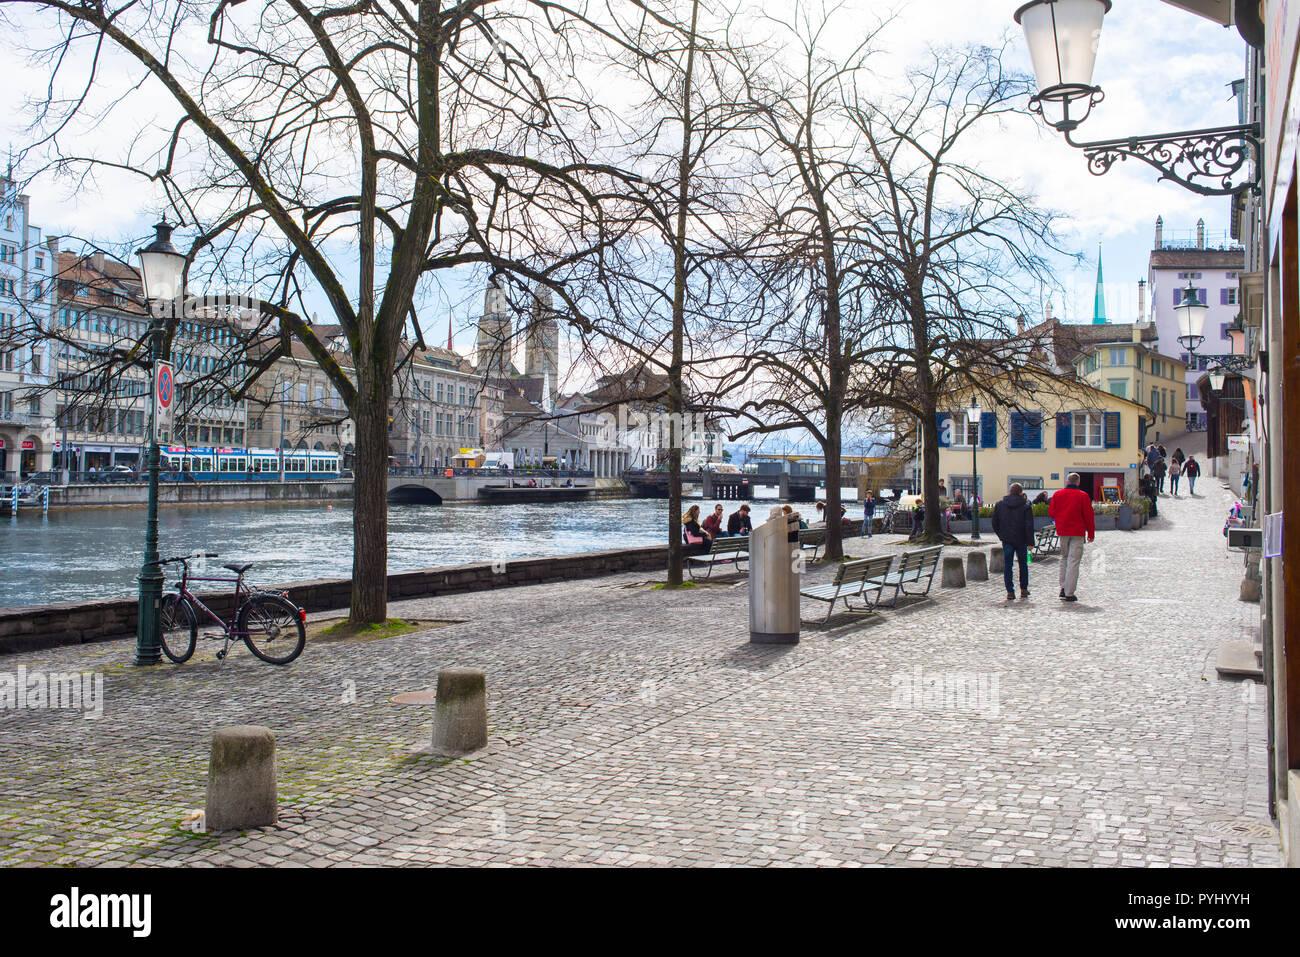 Zurich, Switzerland - March 2017: People walking on Schipfe, a riverside street along river Limmat in Zurich city centre, Switzerland - Stock Image